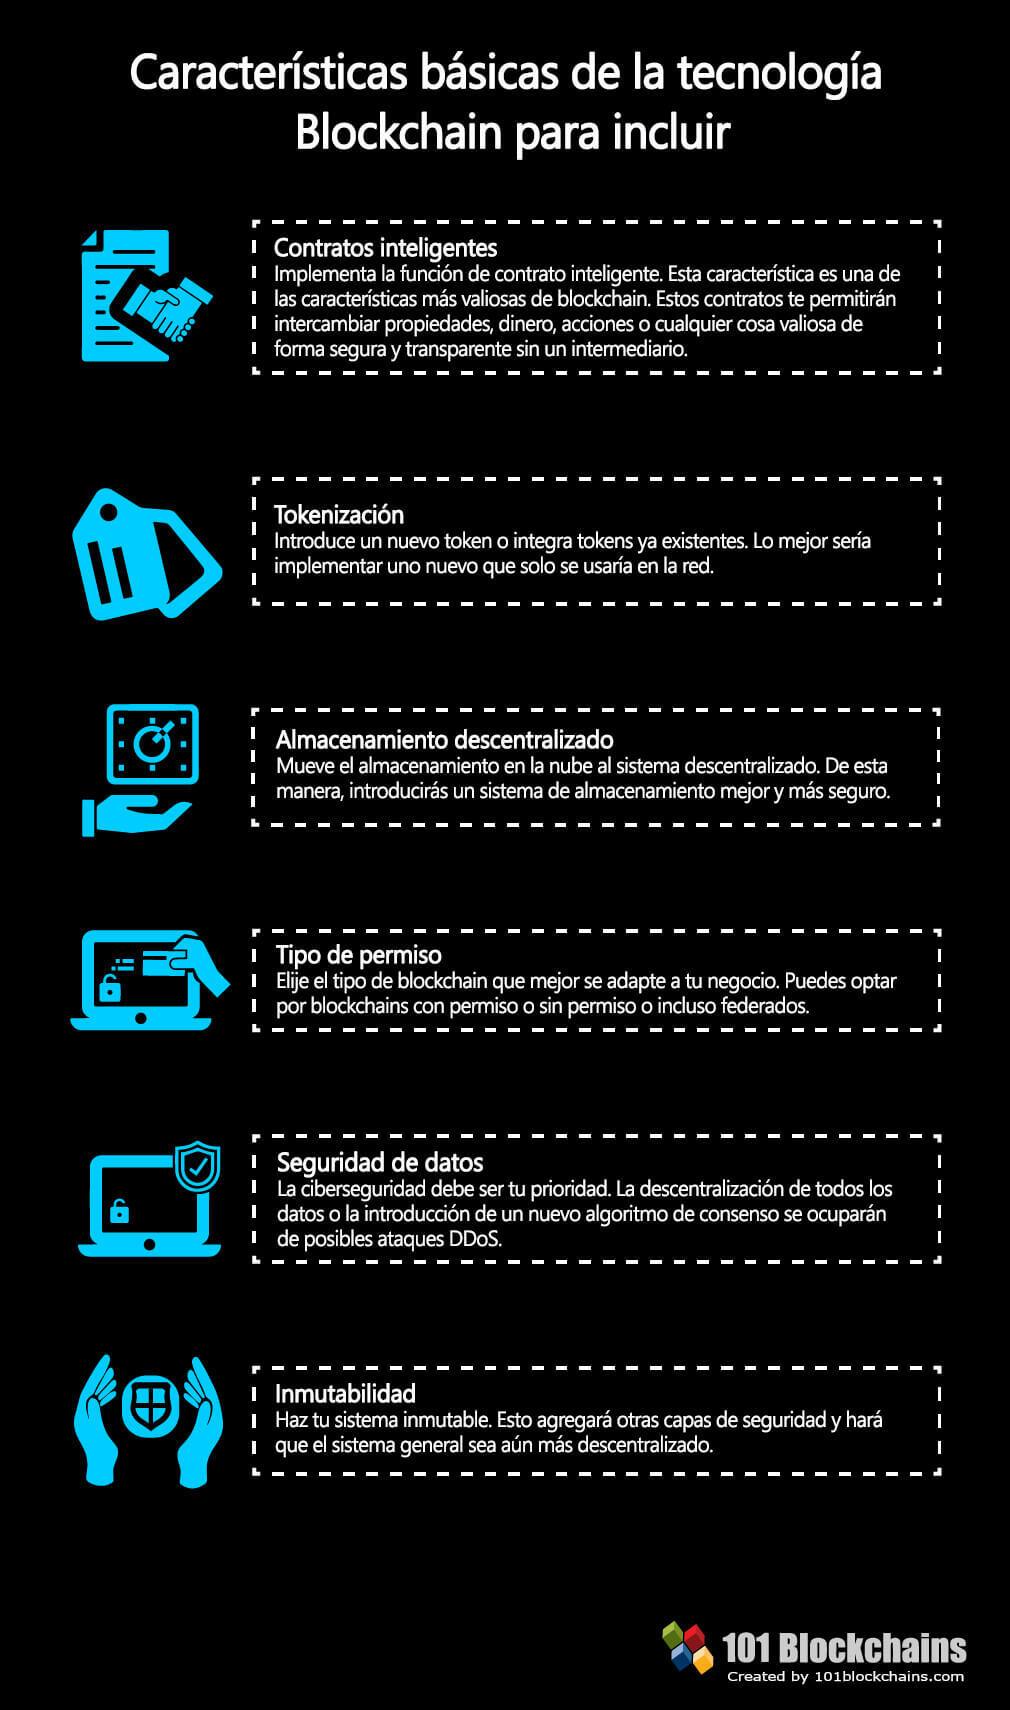 caracteristicas básicas de la tecnología blockchain